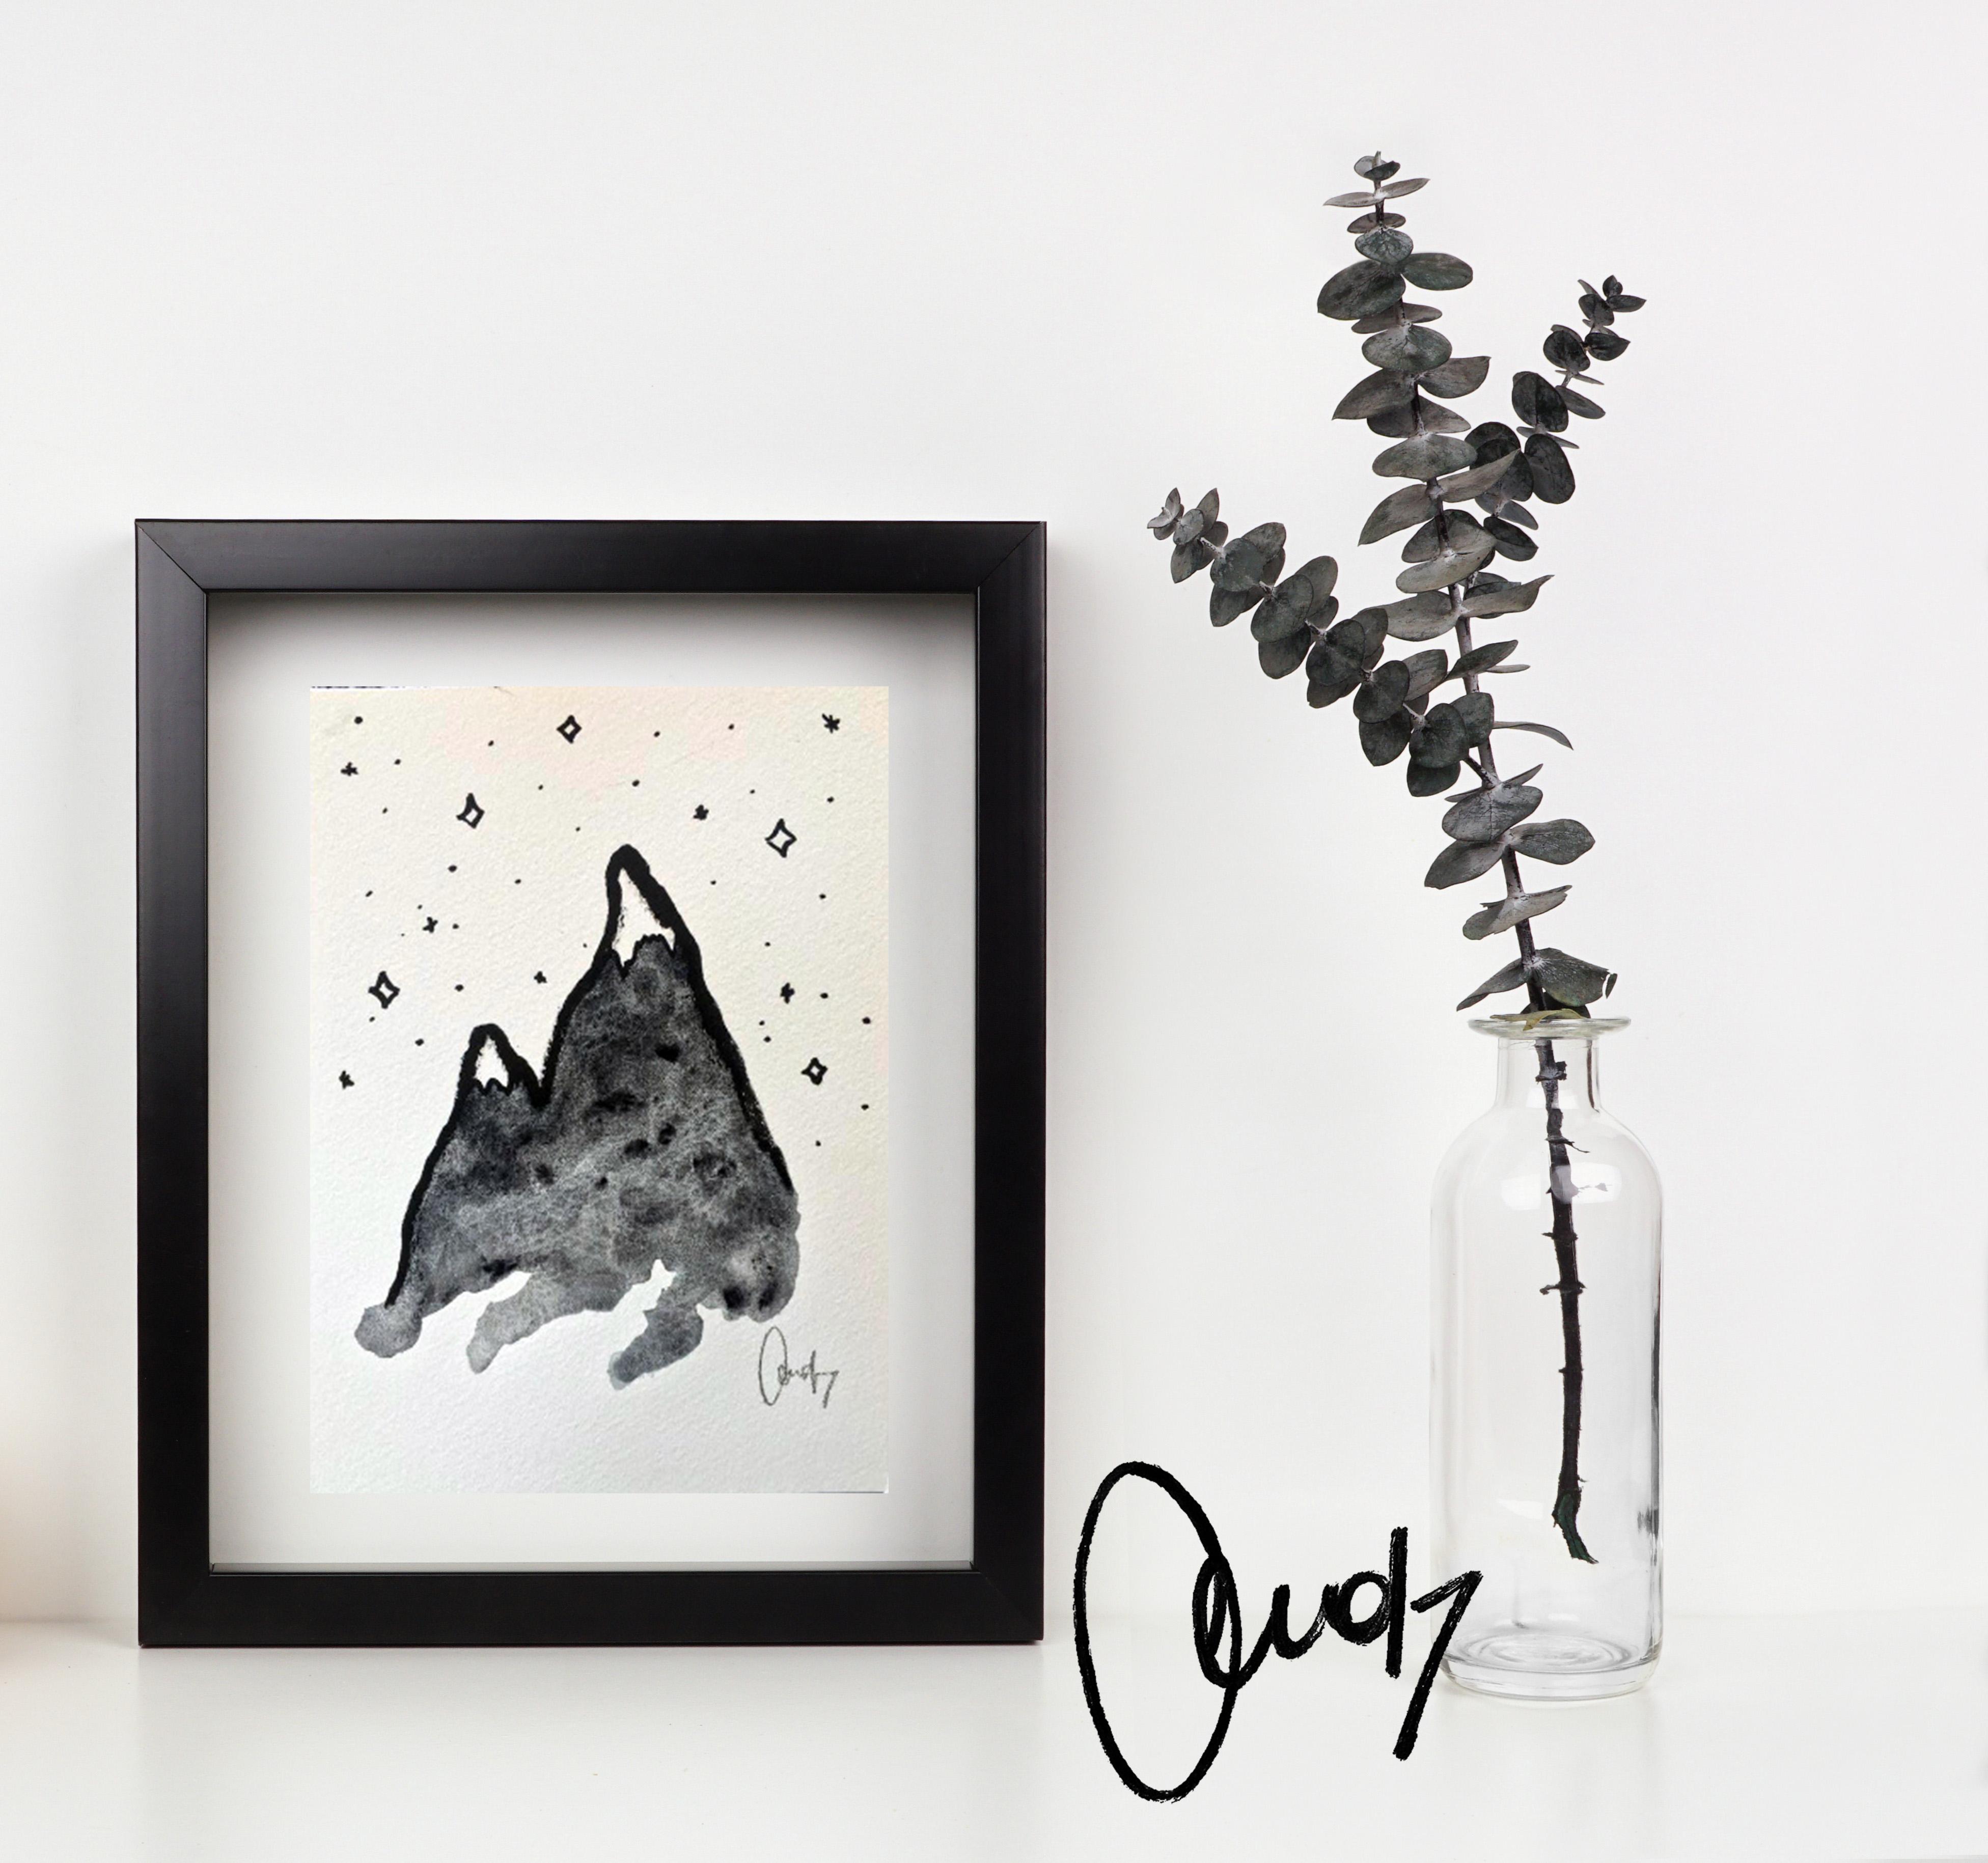 Peak - Vendue/Sold